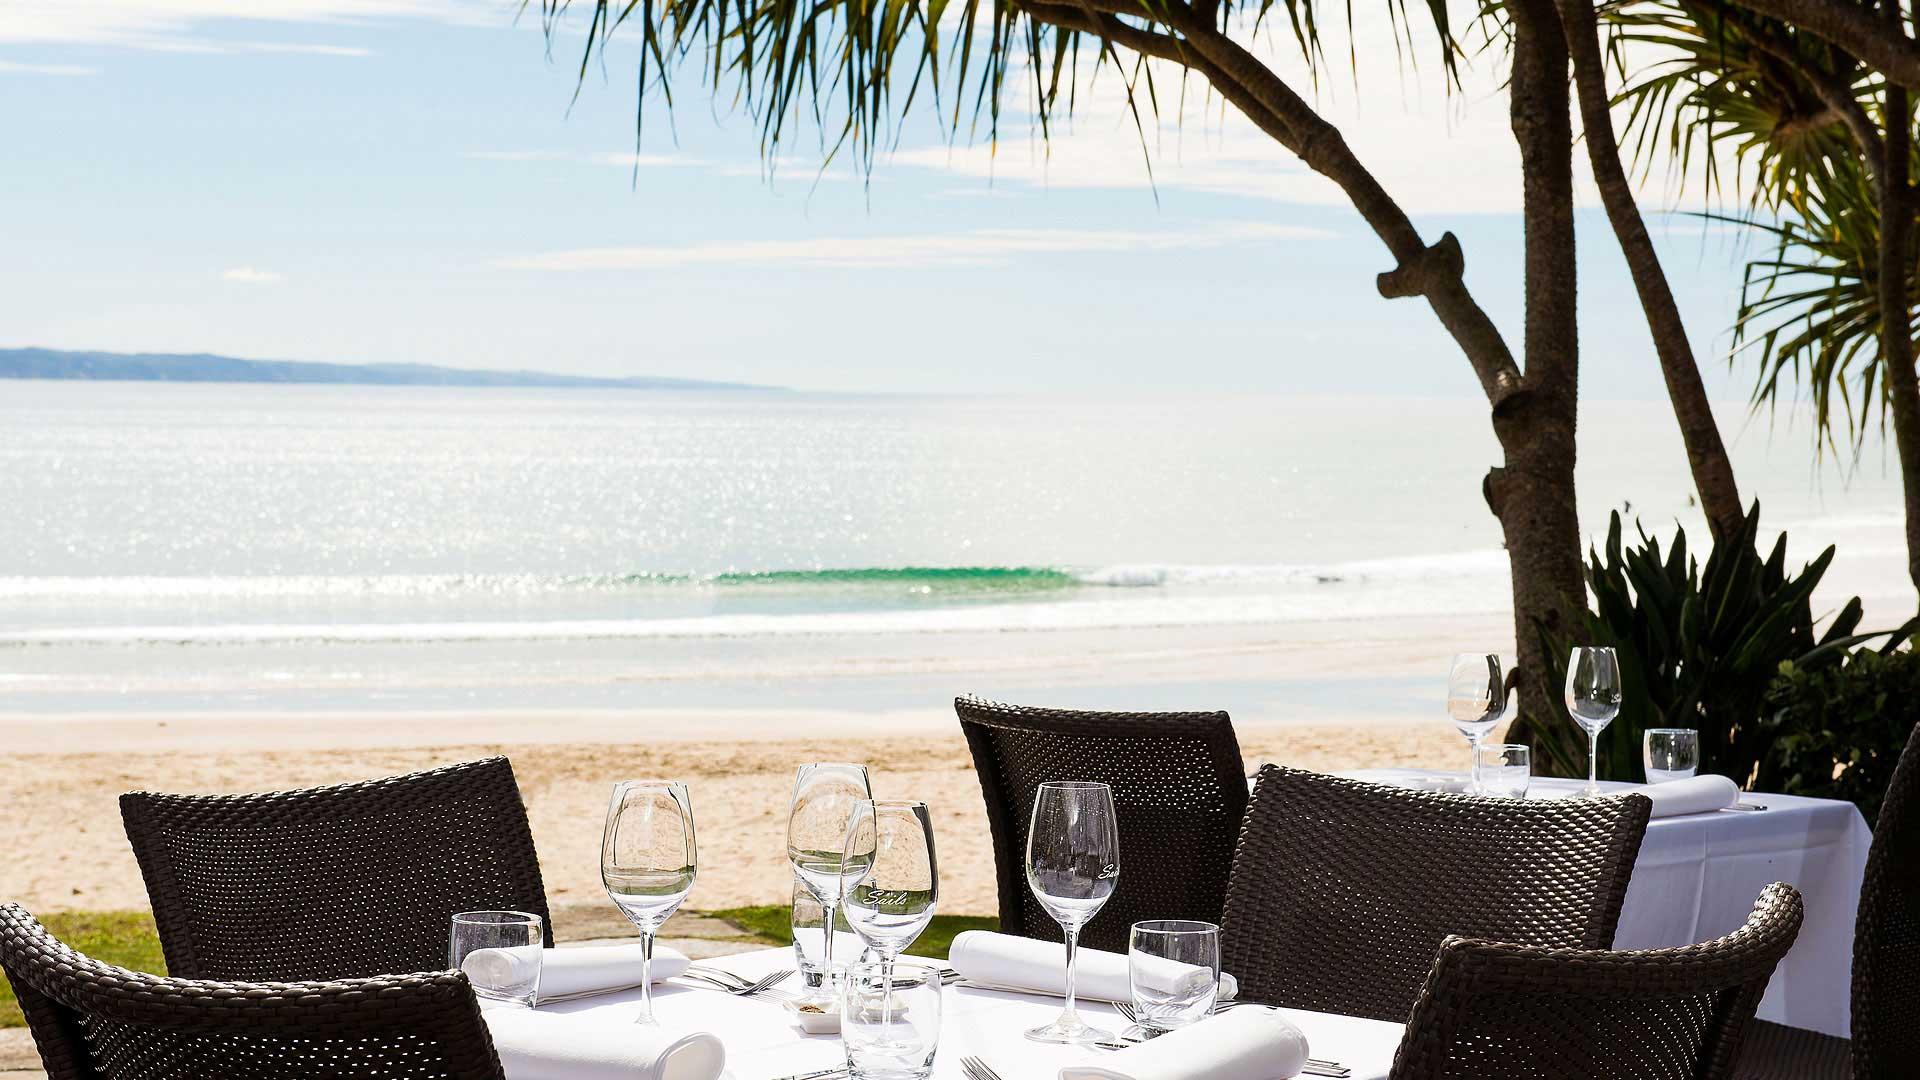 Noosa-Beachfront-Restaurant-Noosa-Beach-S021